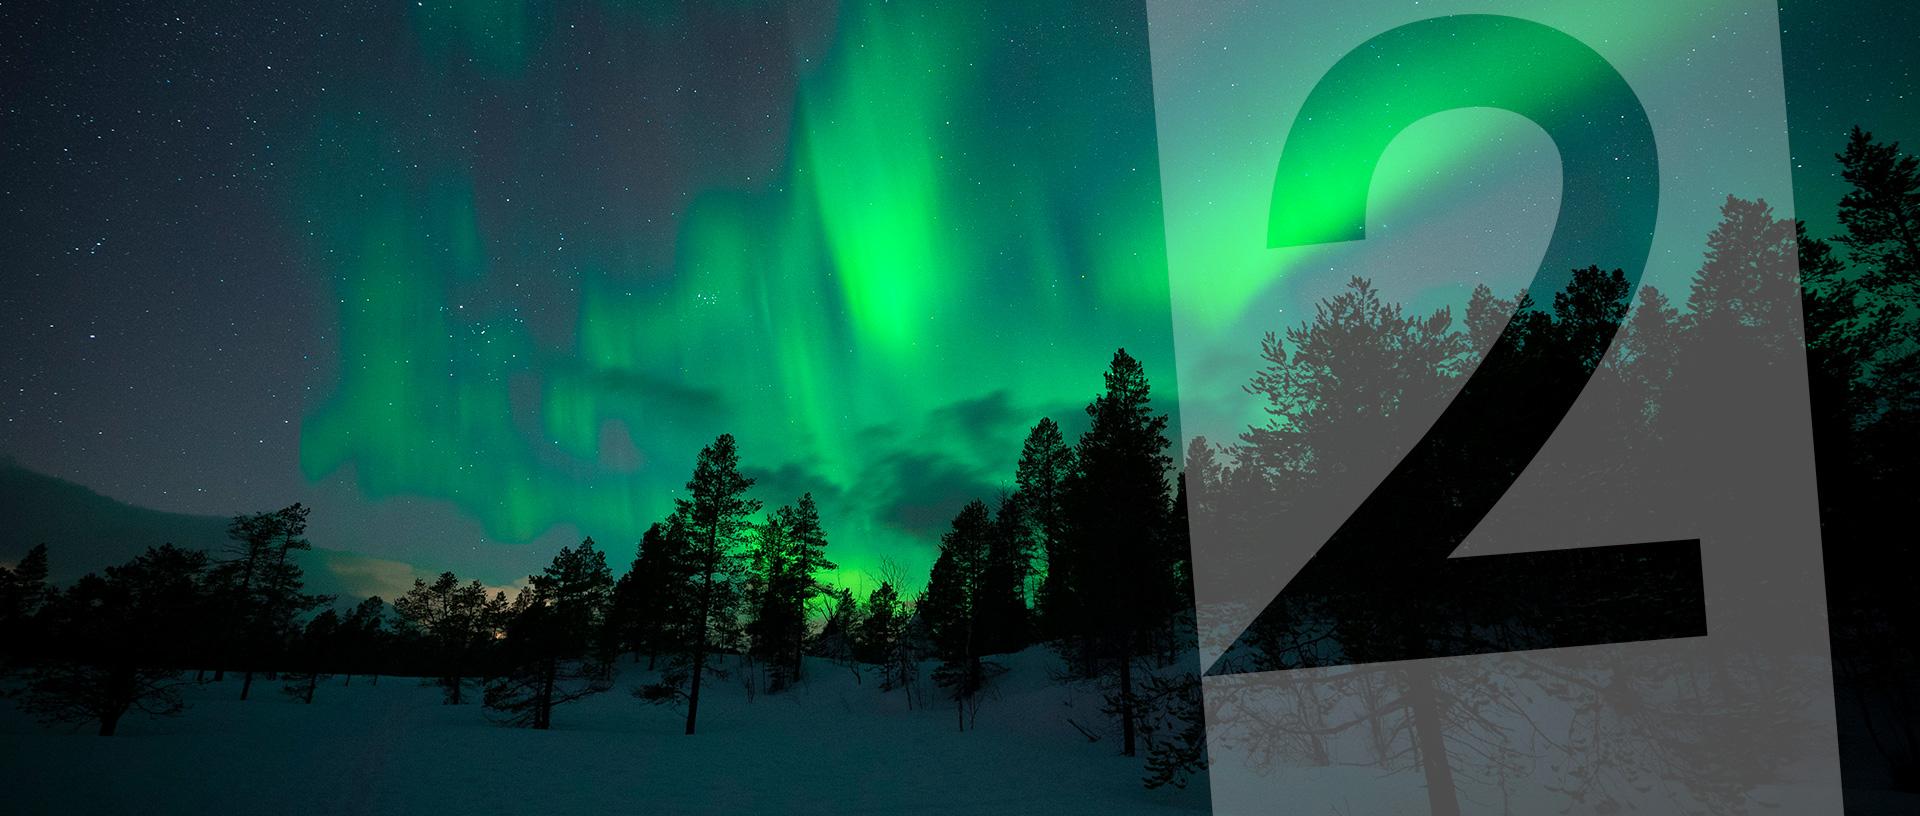 Privater Urlaub im Norden Norwegens. Trotzdem musste die Kamera ein paar Mal gezückt werden. Entstanden sind ein paar eindrückliche Bilder.